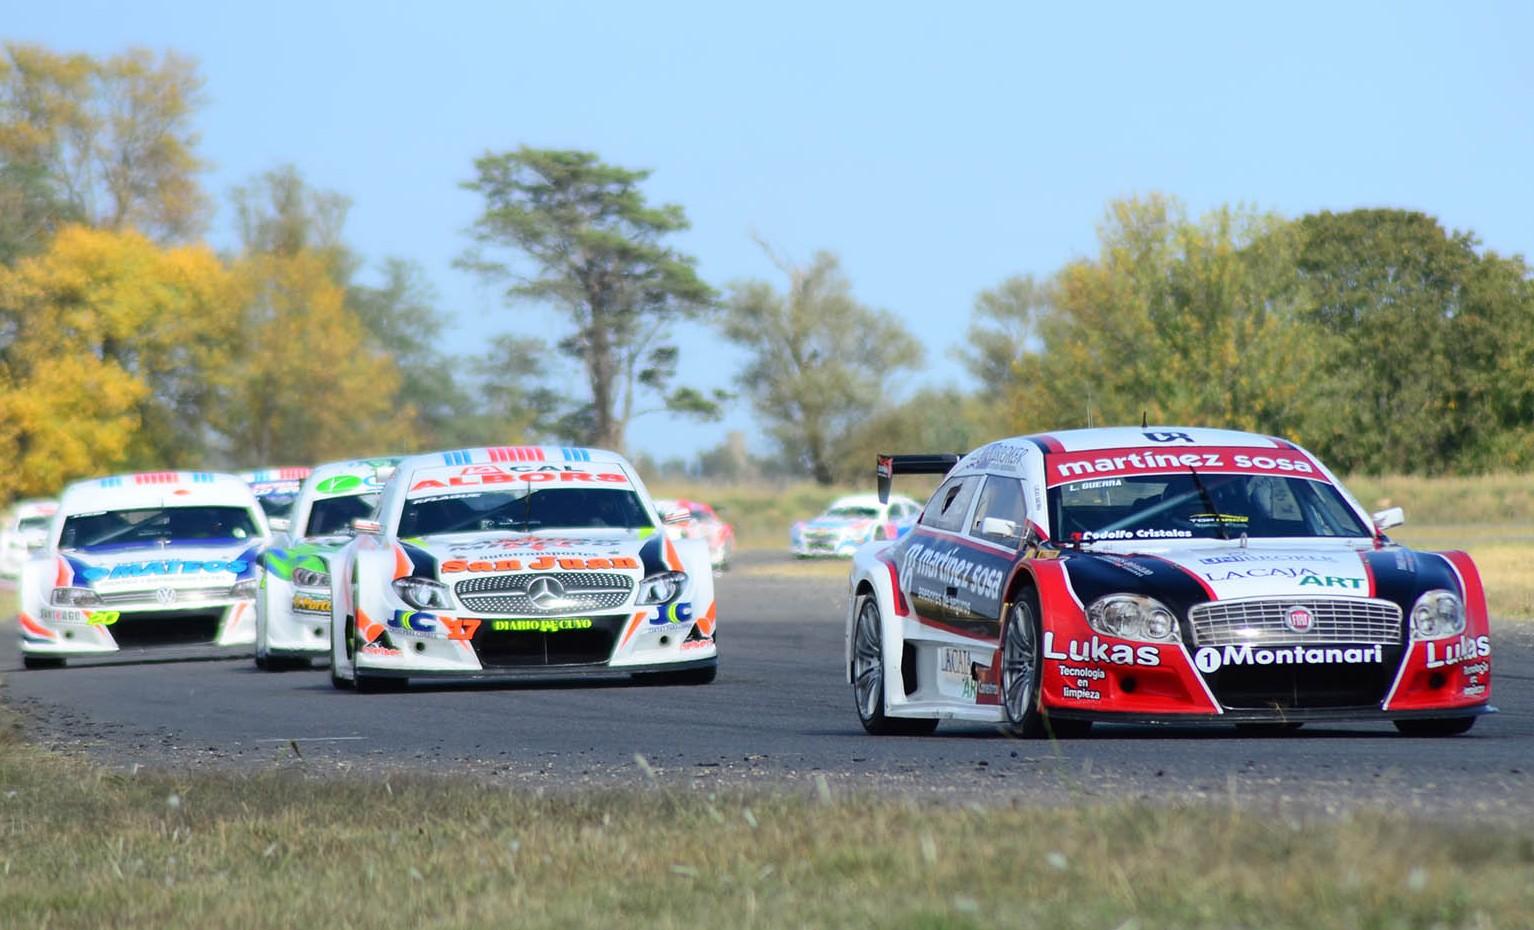 TR Series: Lucas Guerra y Flaqué ganaron las finales